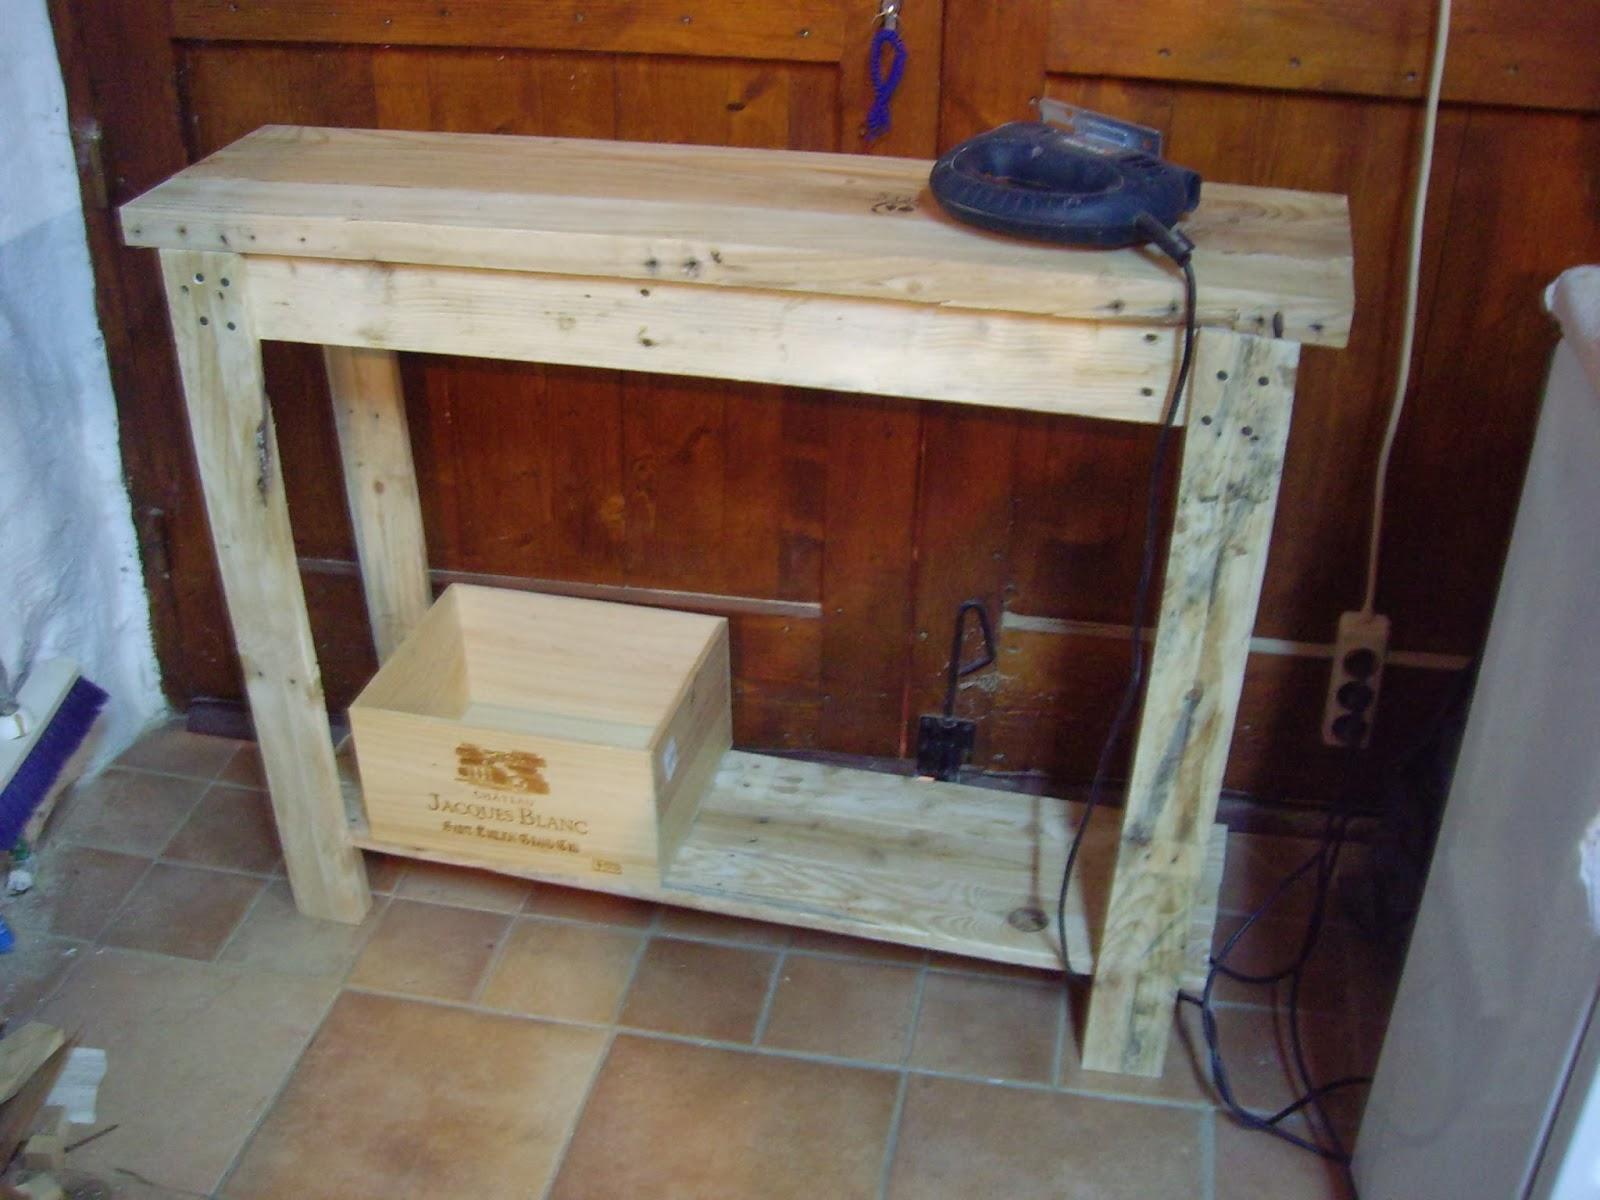 Objets d co tutoriels et meubles en bois de palettes console en bois de palette Meubles en bois de palette